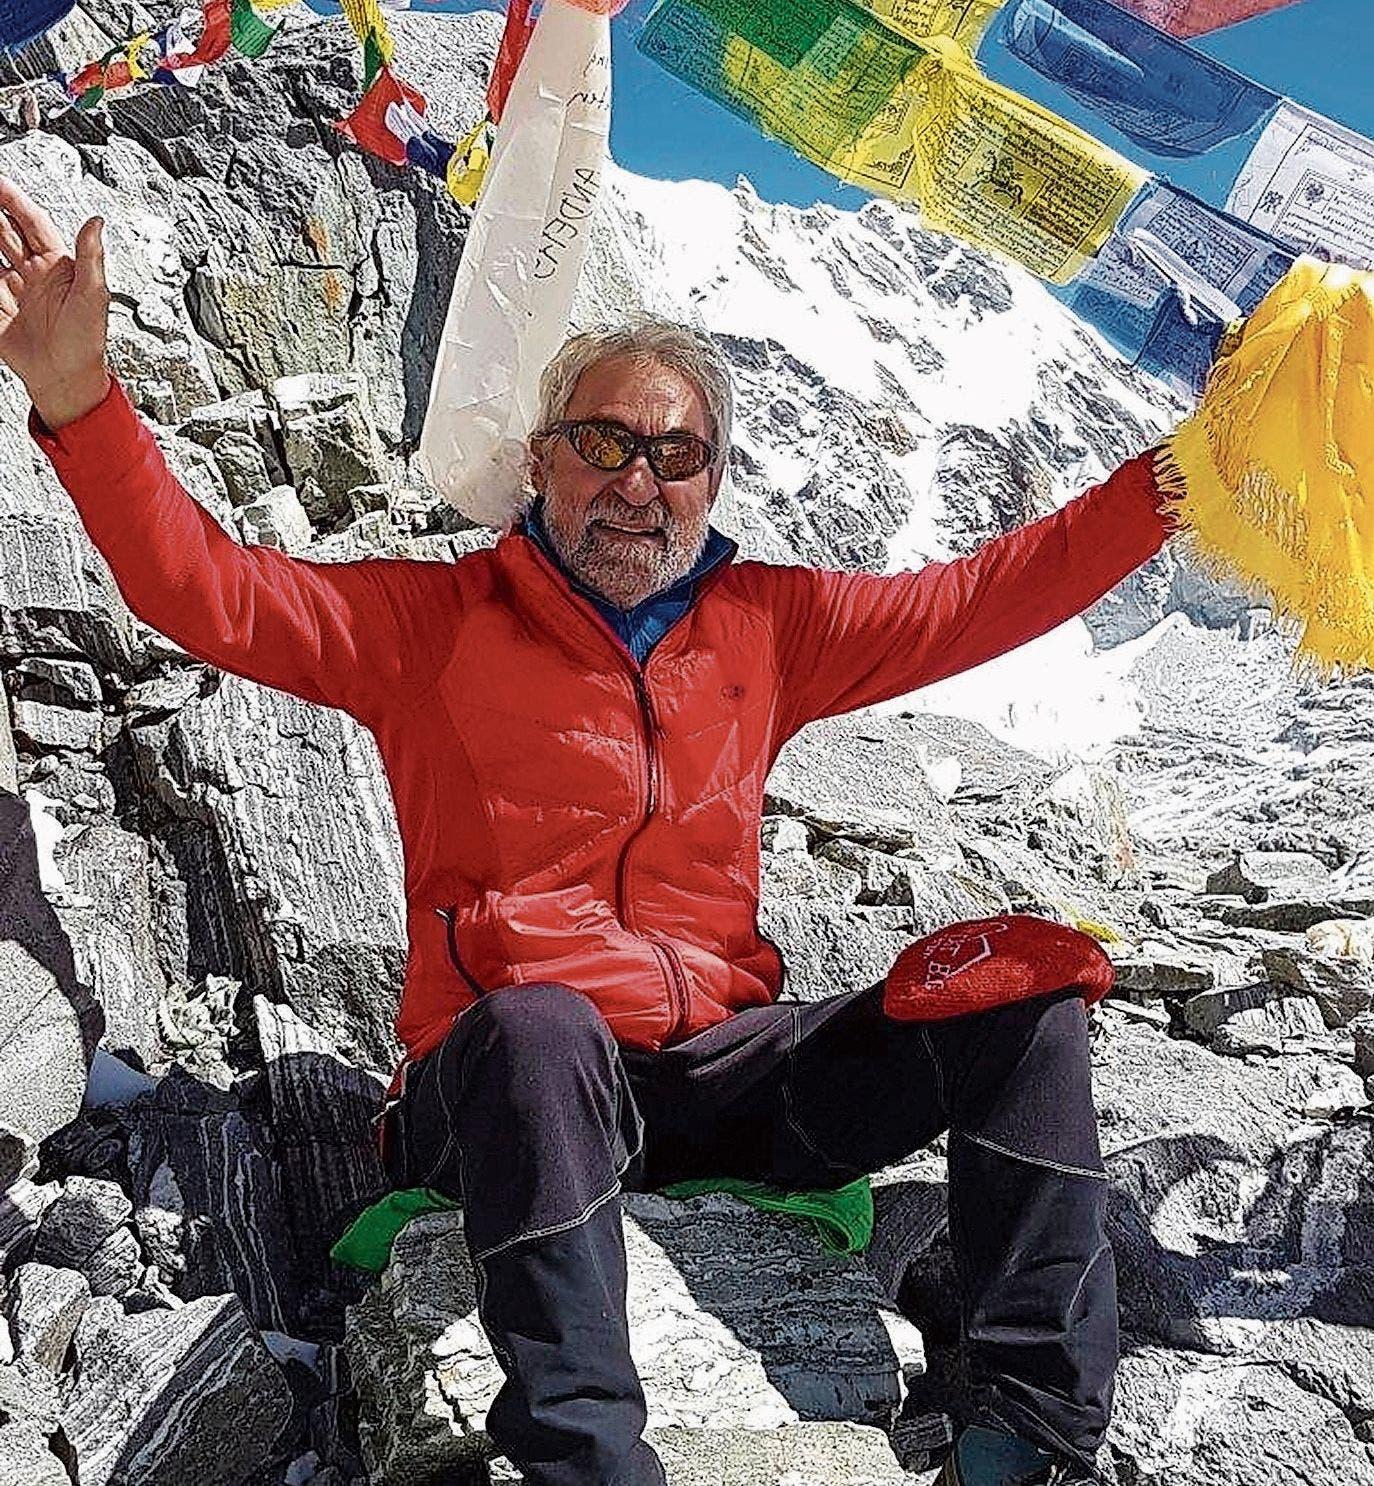 Als Kind faszinierte Hansruedi Wirth ein Comic über die Besteigung des Mount Everest. Jahre später bestieg er selber mehrere 8000er – auch den Mount Everest.